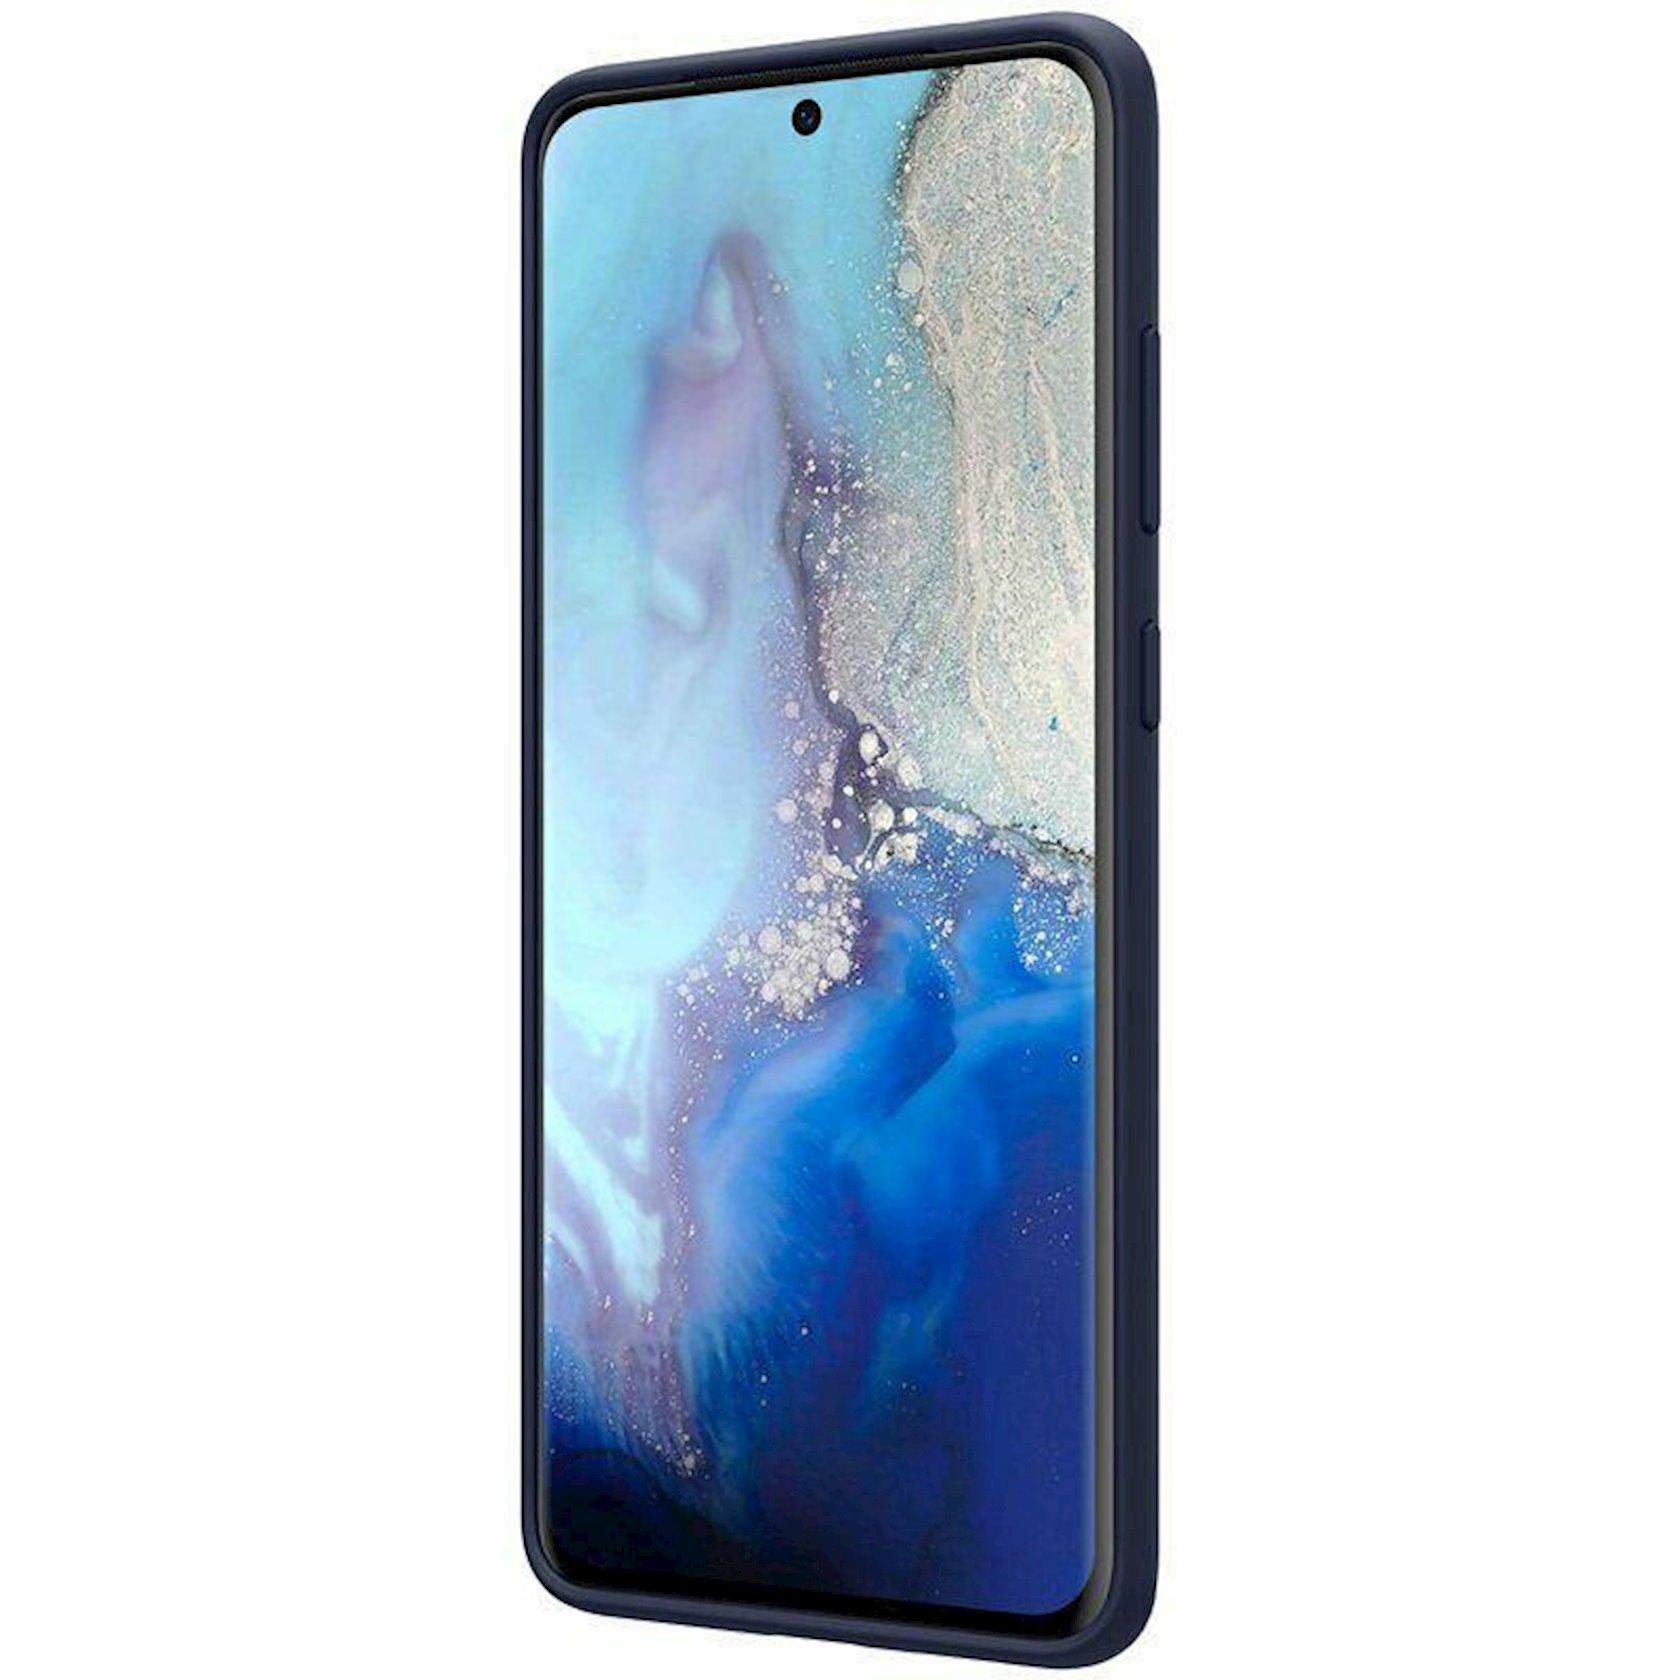 Çexol Nillkin Flex Pure Liquid Silicone Cover Samsung Galaxy S20 üçün Ultra Blue